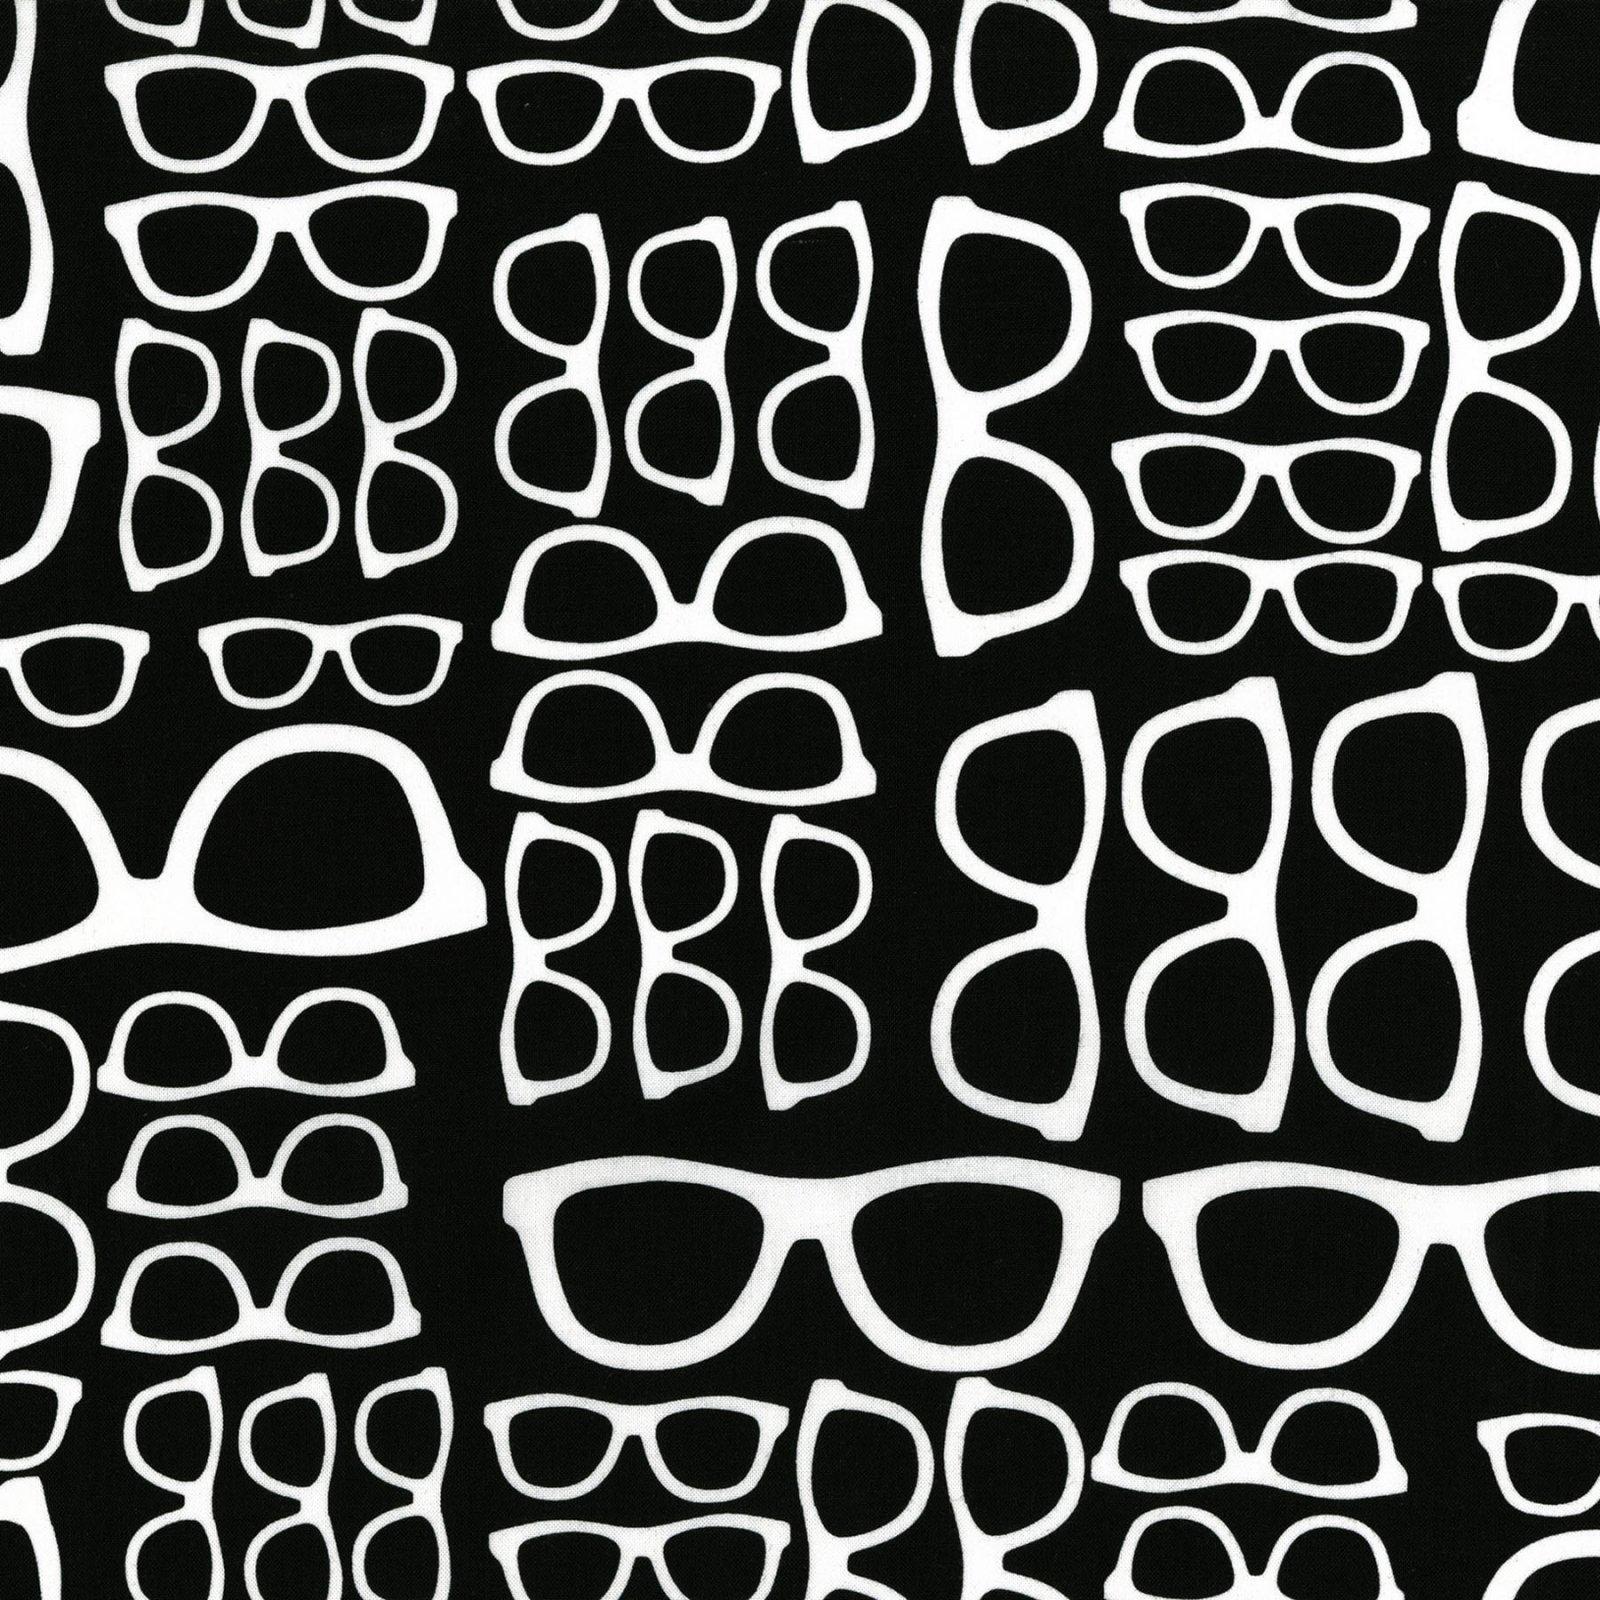 Black & White Glasses